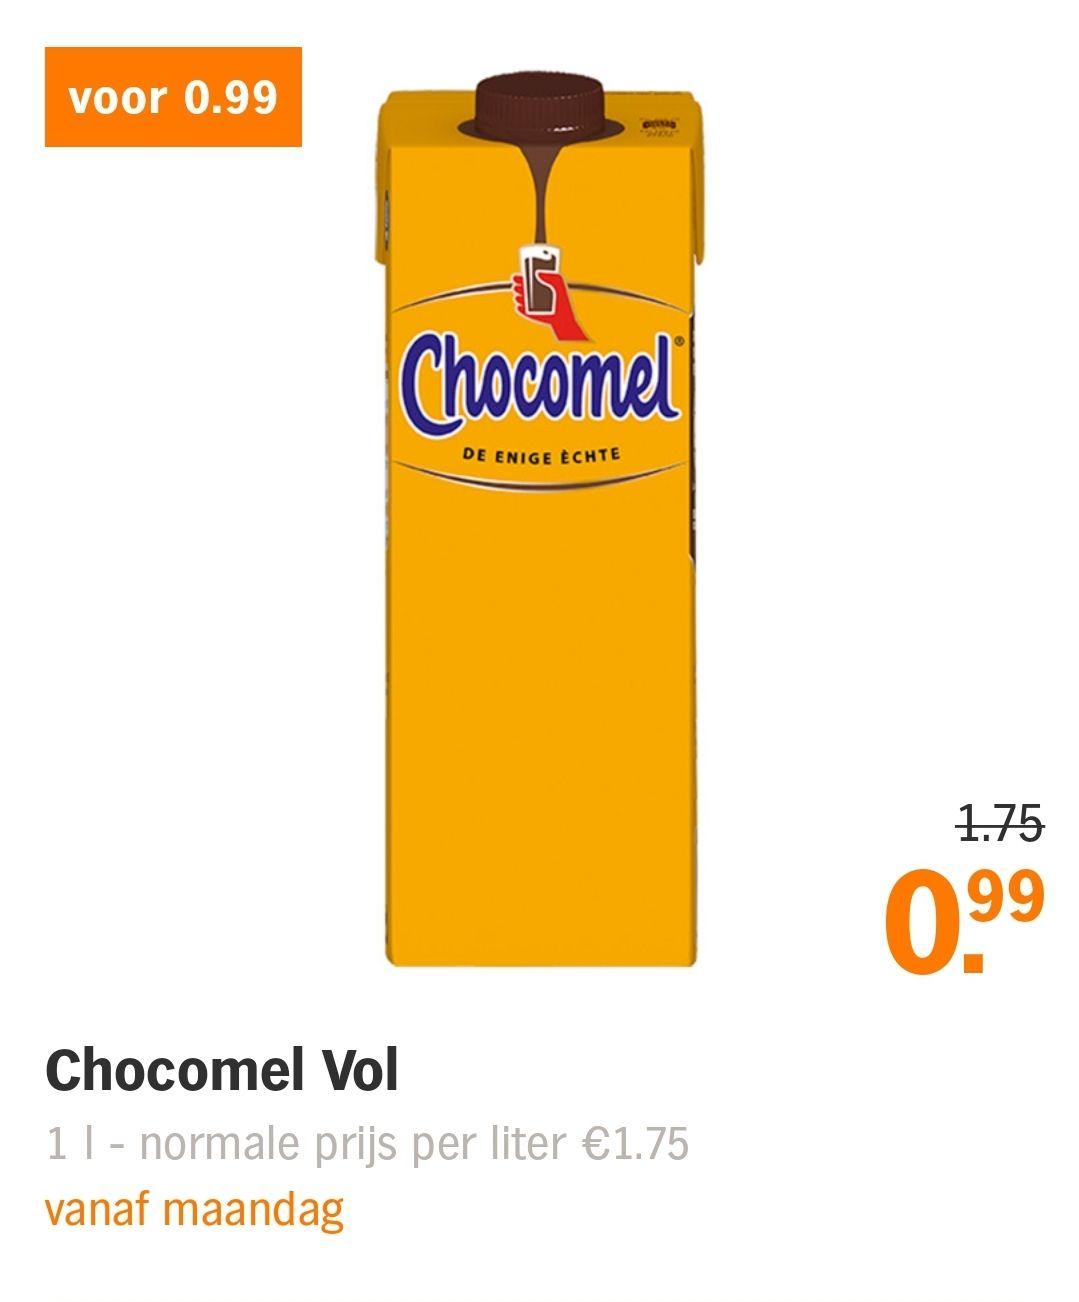 Chocomel @ Albert Heijn weer 0.99 eur